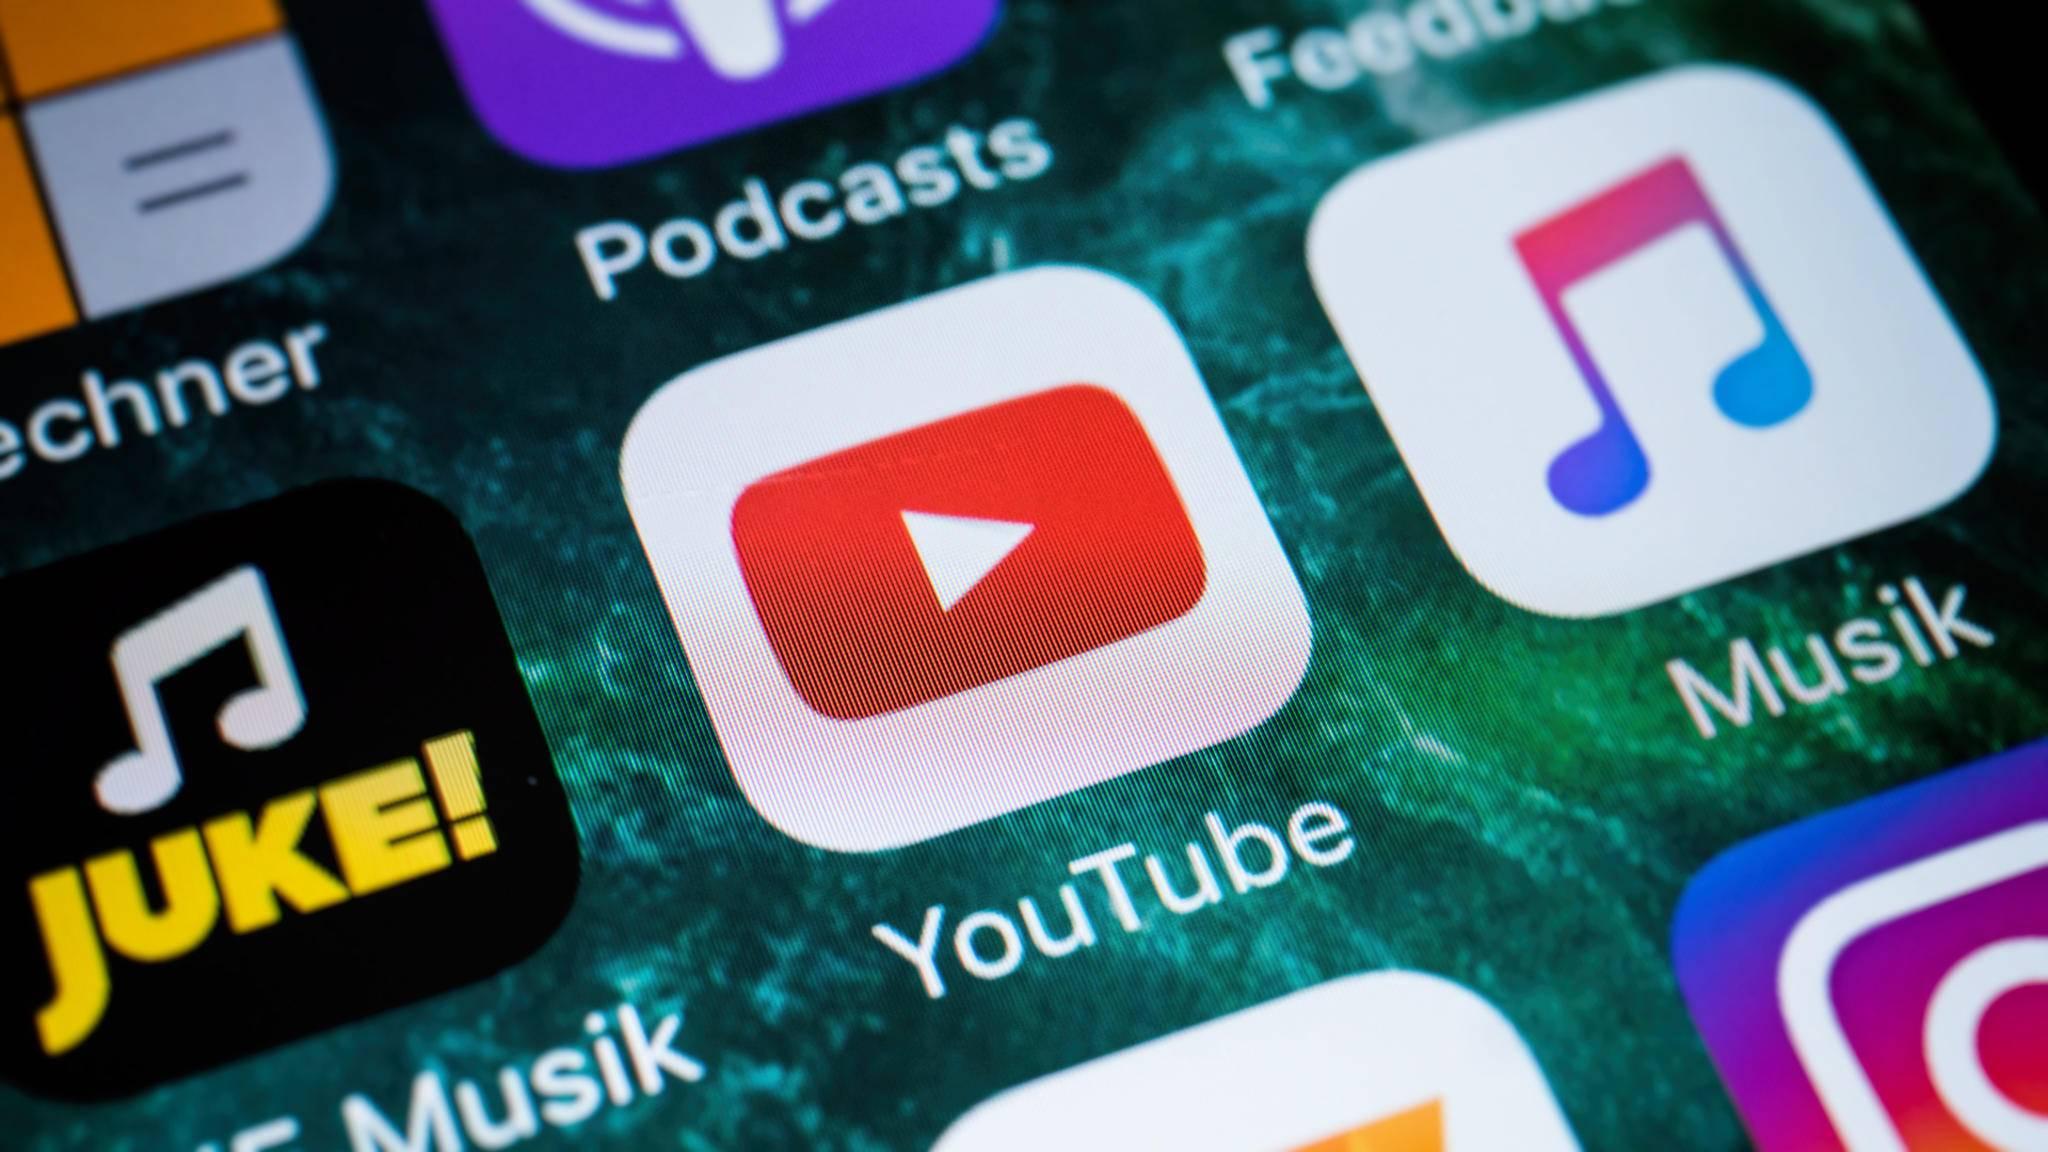 Wir zeigen Dir, wie Du eine YouTube-Playlist erstellen kannst.